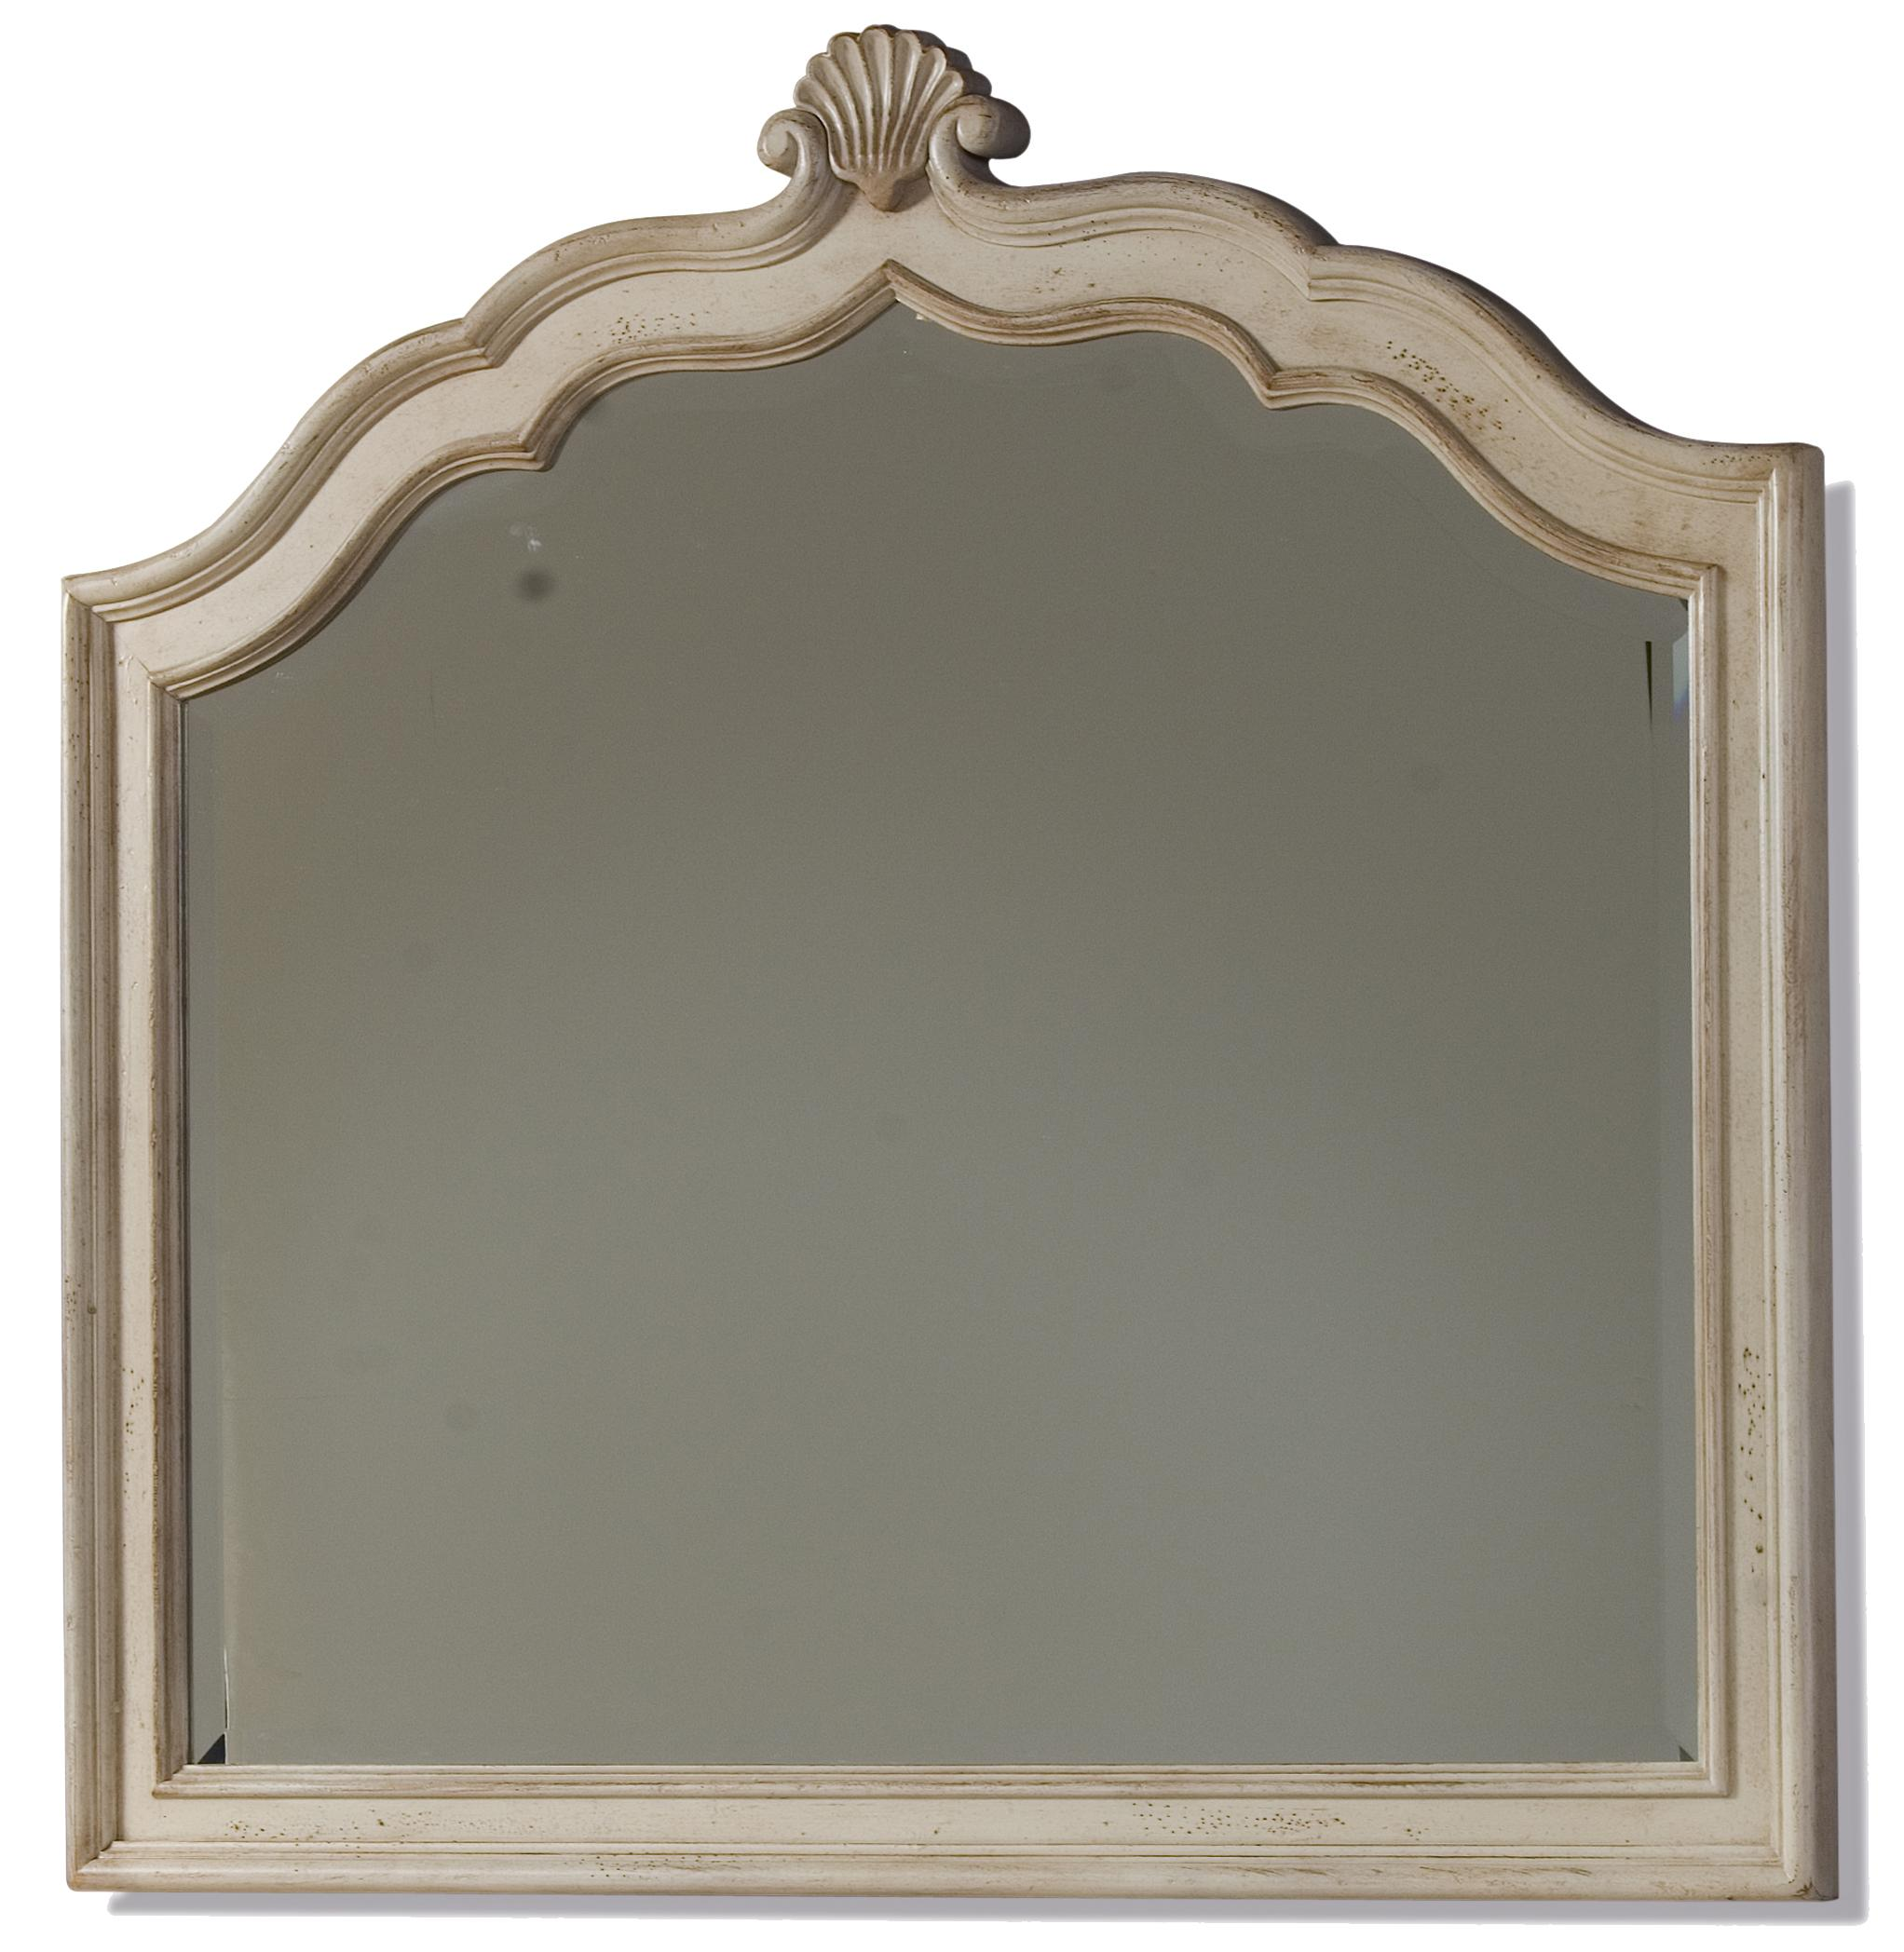 Belfort Signature Sonnet Mirror - Item Number: 76120